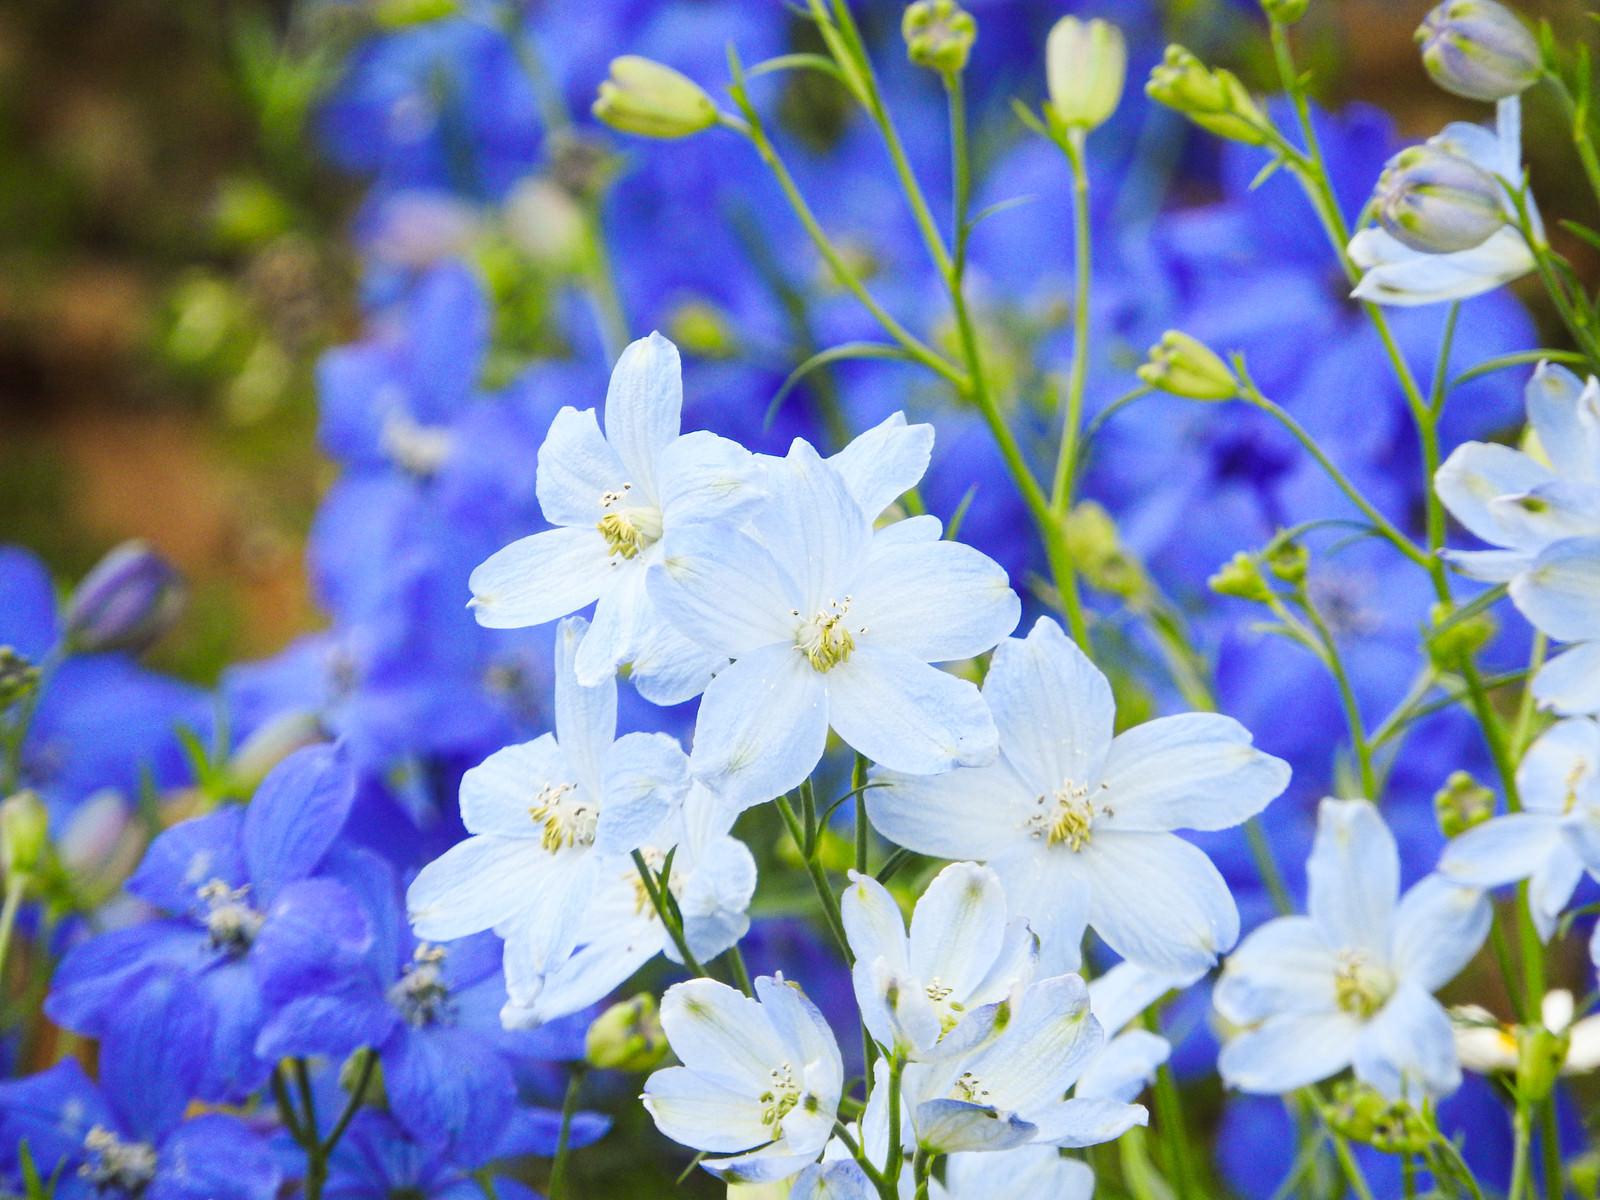 「広がるデルフィニウムの花びら」の写真